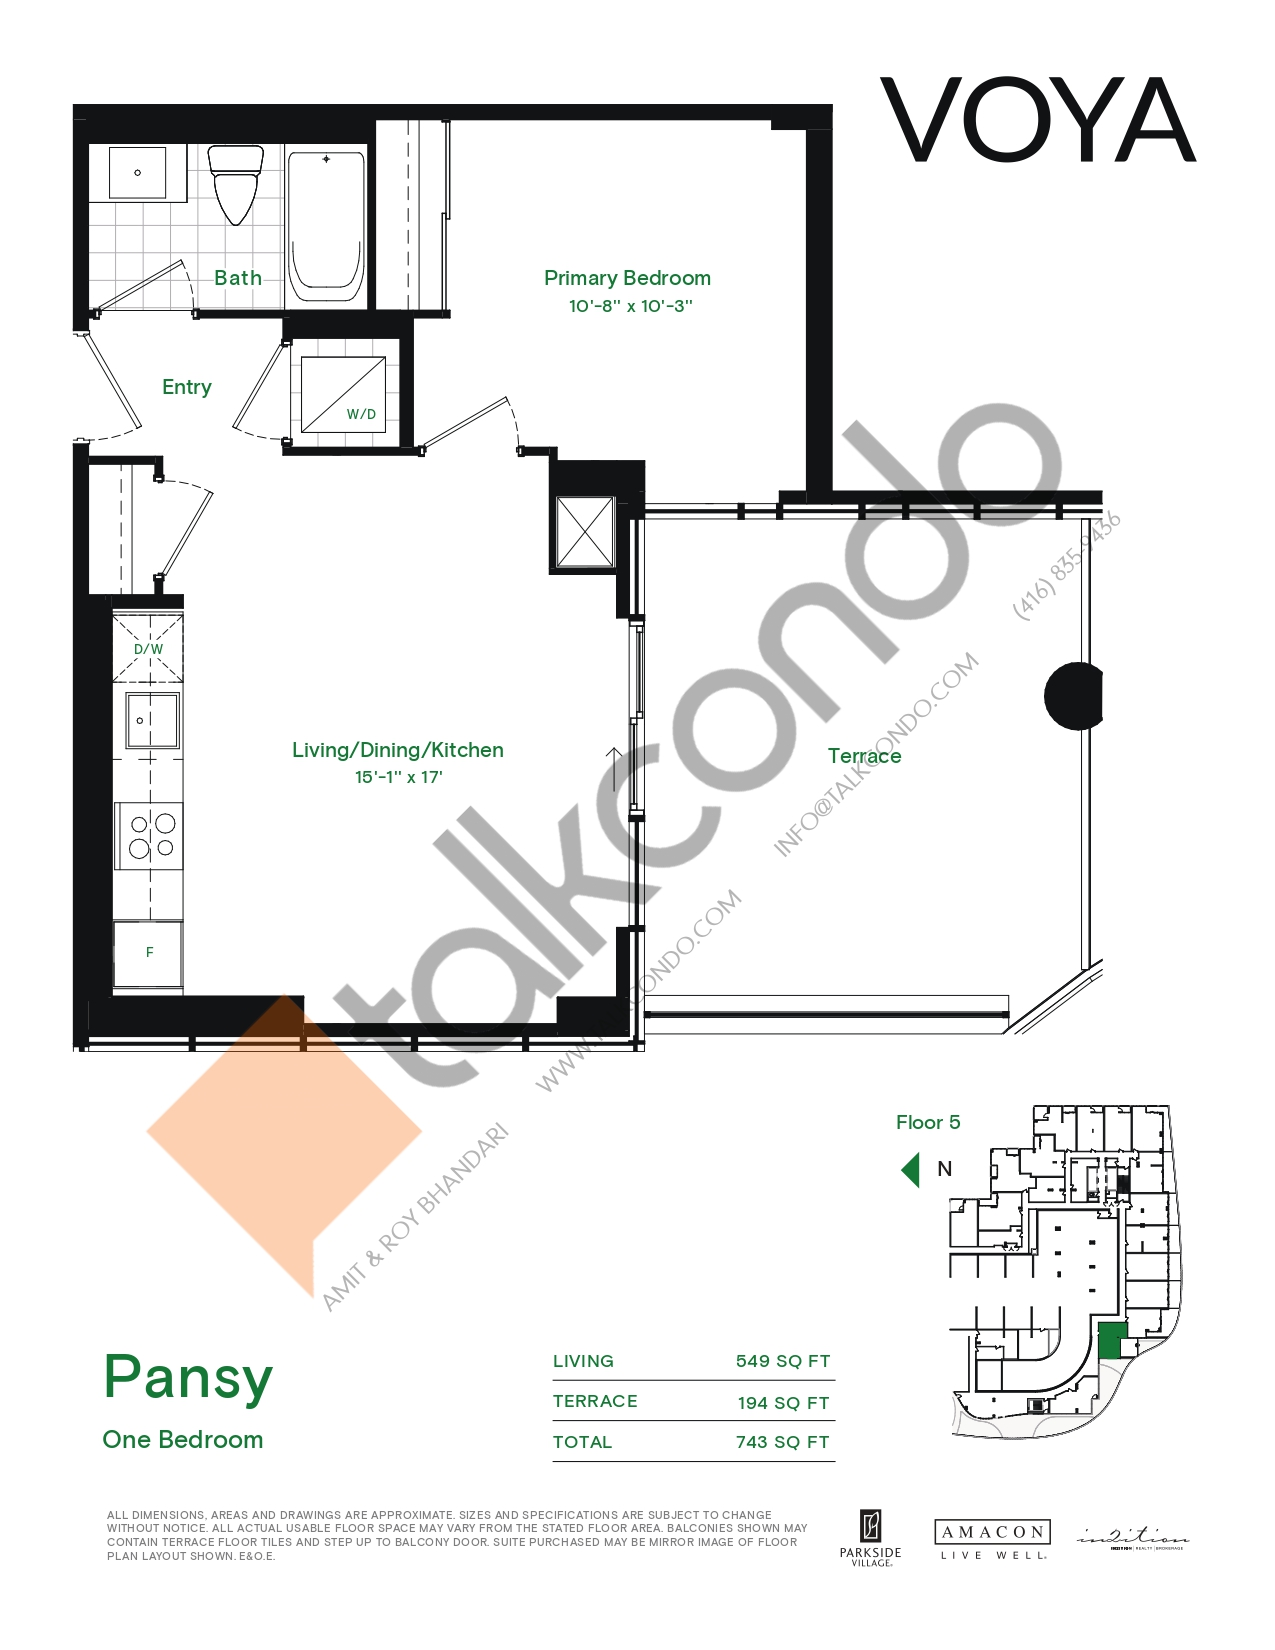 Pansy (Podium) Floor Plan at Voya at Parkside Village Condos - 549 sq.ft